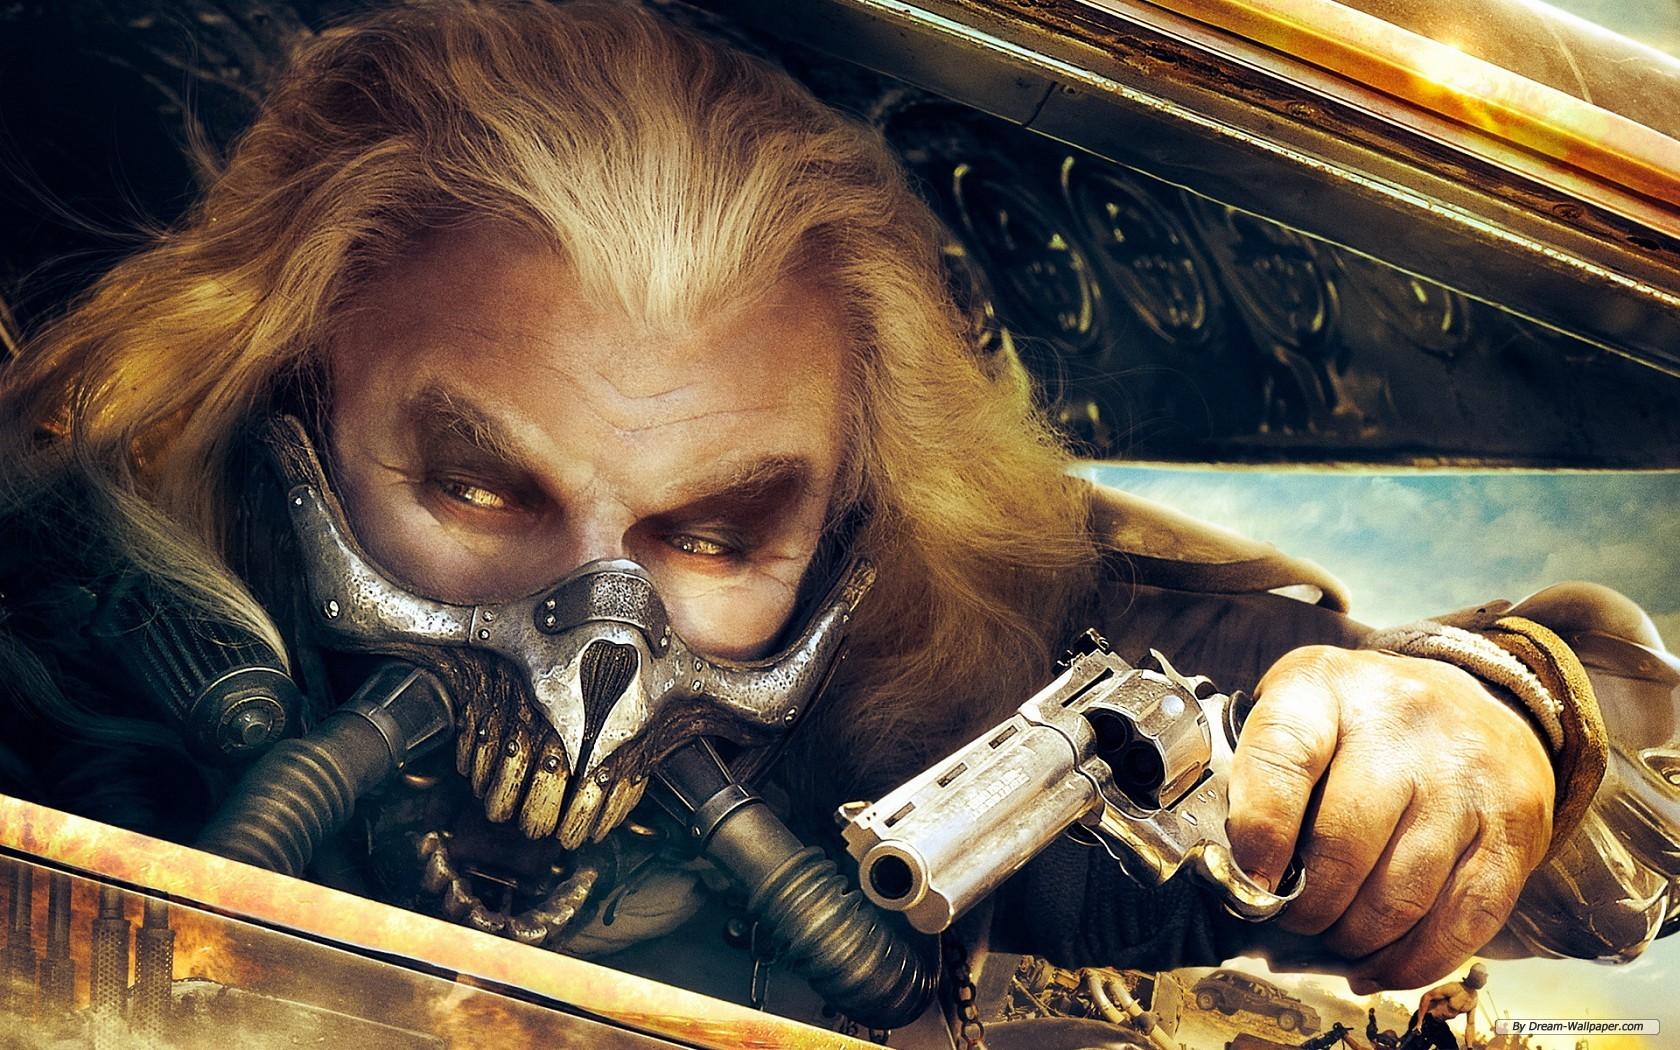 Wallpaper   Movie wallpaper   Mad Max 4 wallpaper   1680x1050   4 1680x1050